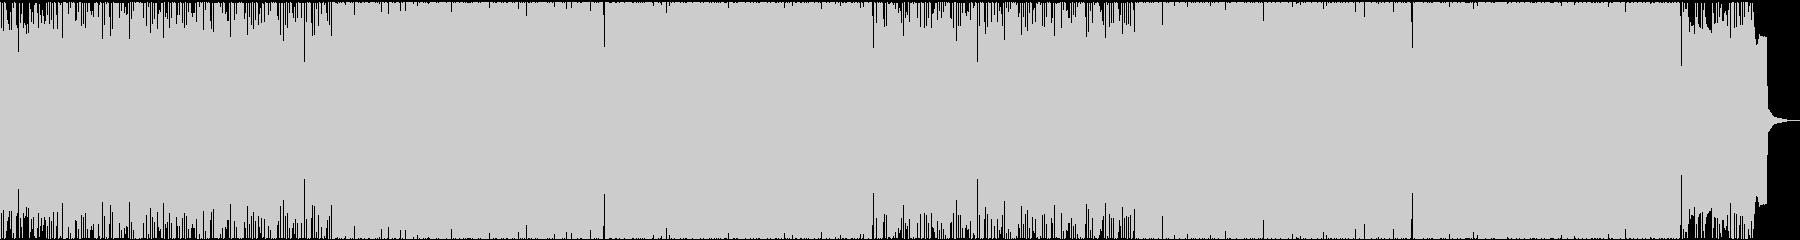 激しい雰囲気のアップビートバンドJの未再生の波形